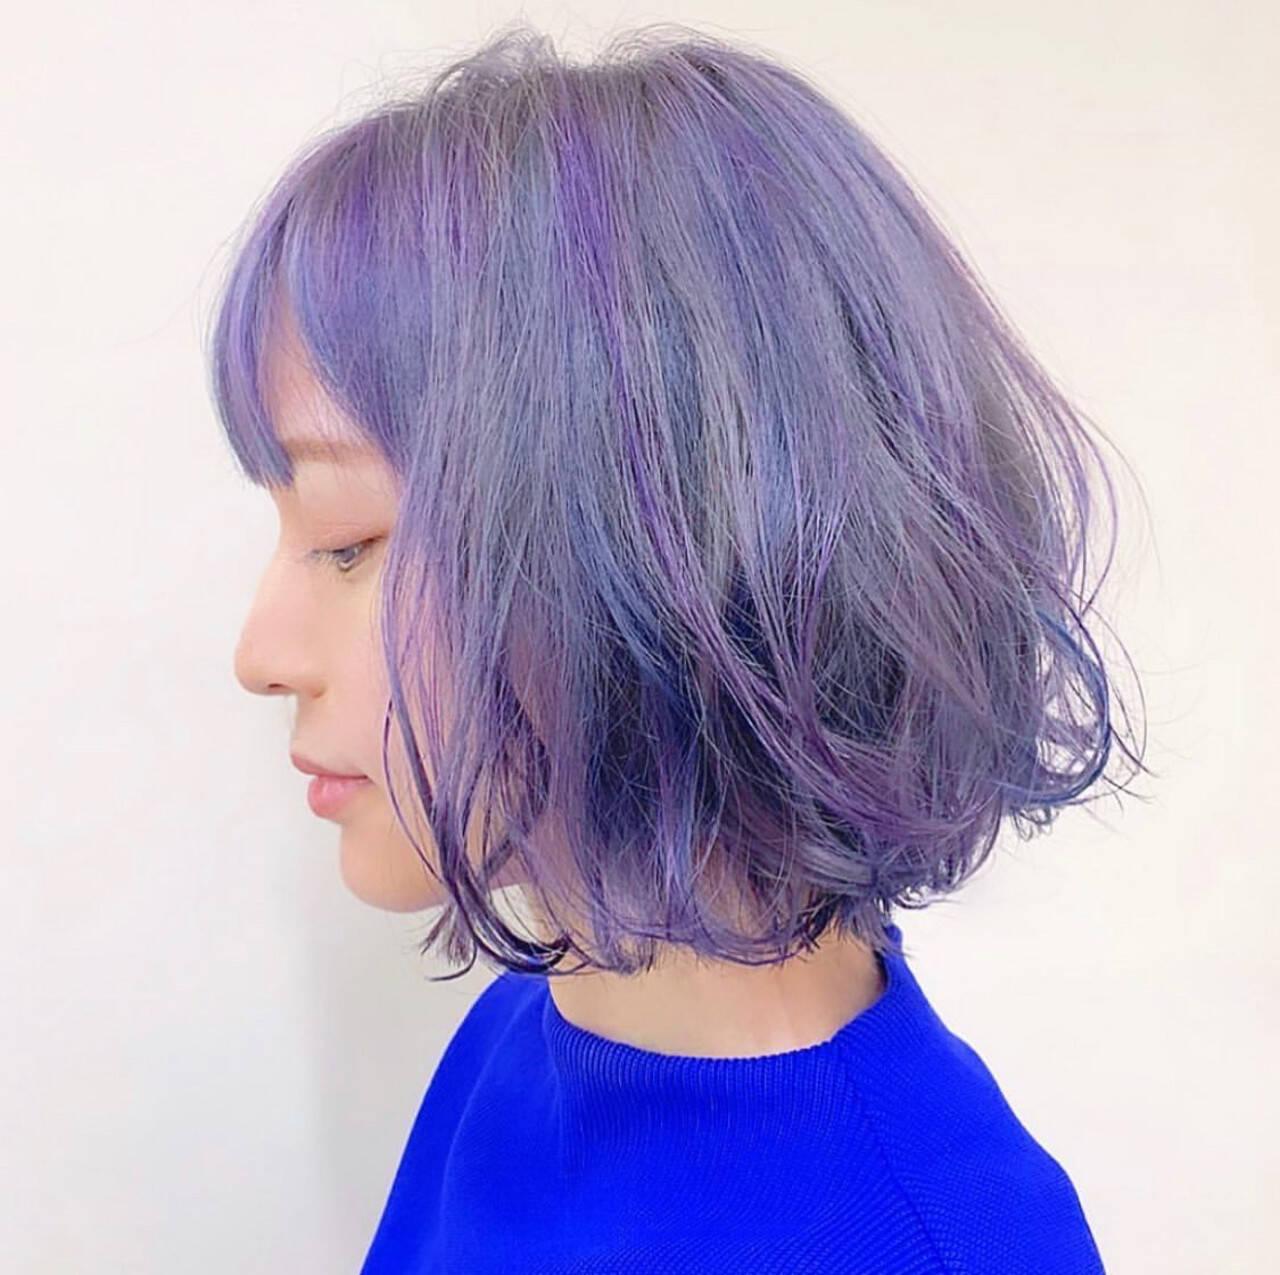 ユニコーンカラー ブルー ガーリー ブルーラベンダーヘアスタイルや髪型の写真・画像